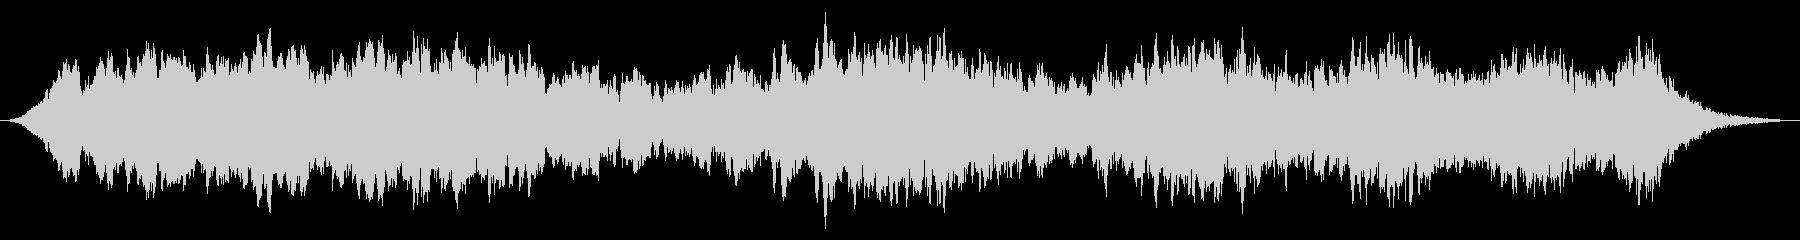 スローライジングターボシンセの未再生の波形